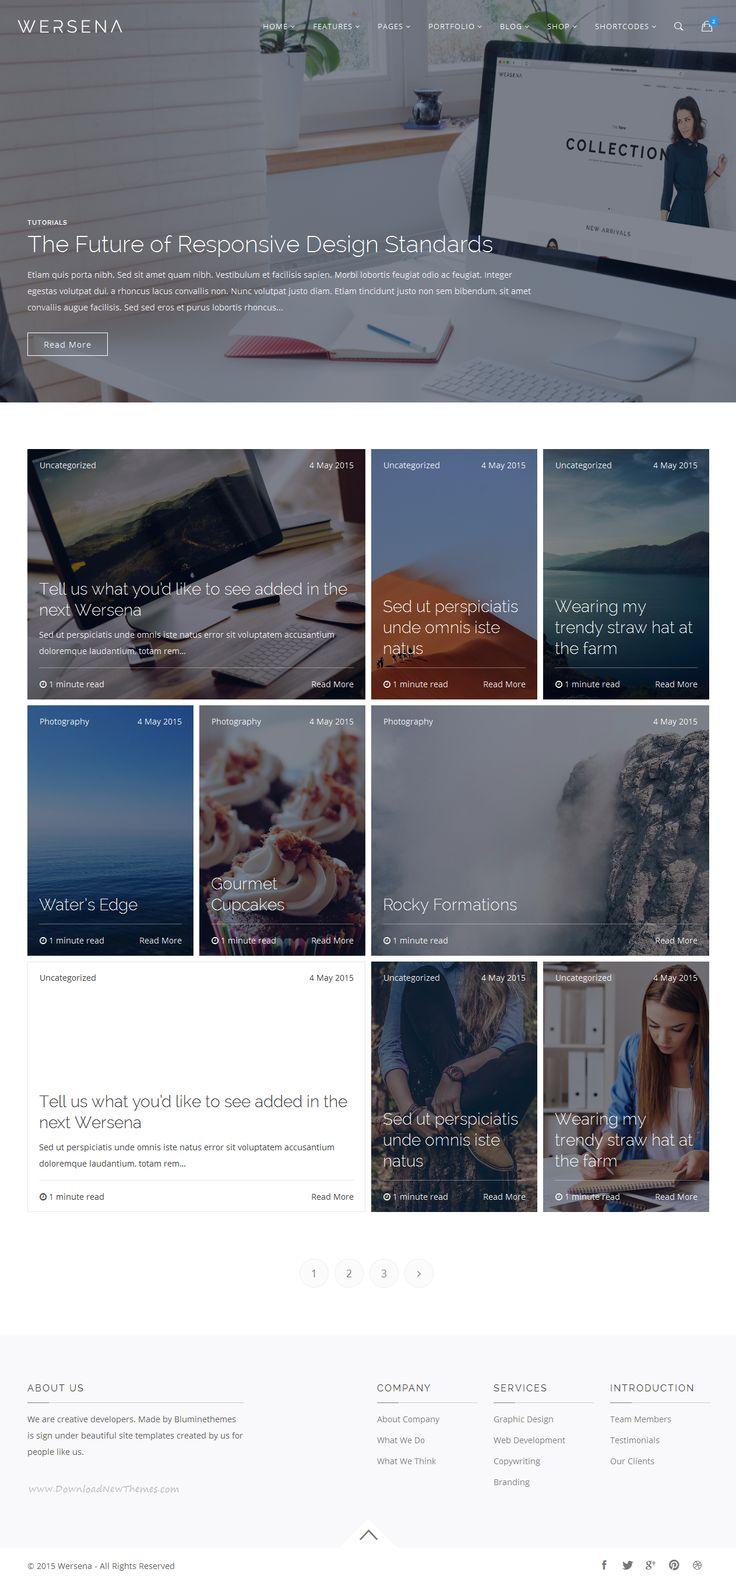 57 best bootstrap images on Pinterest | Website designs, Design web ...